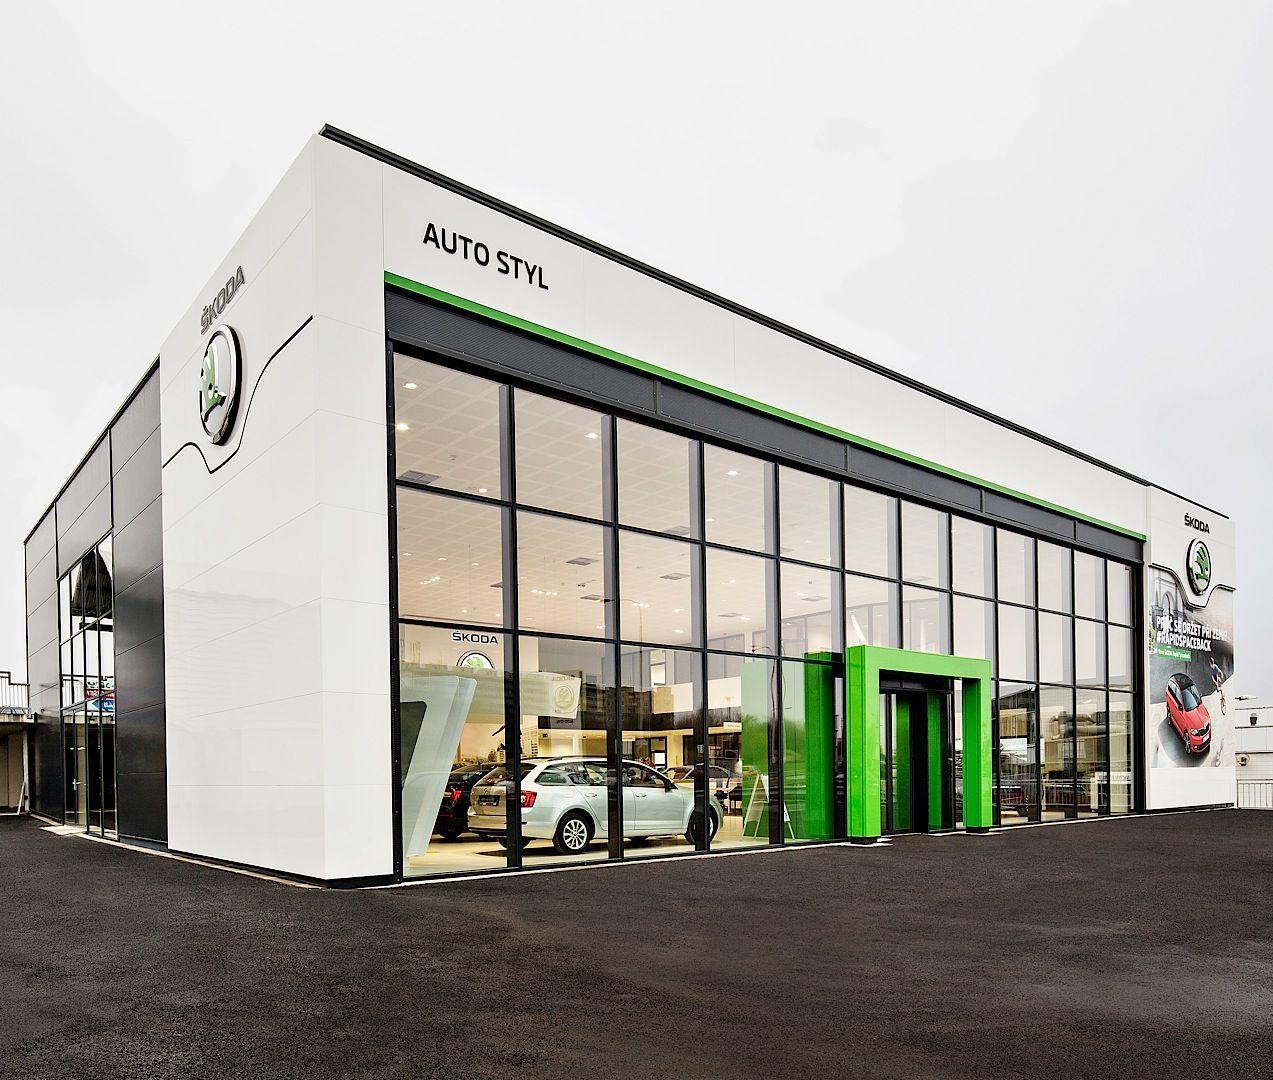 Audi Dc Dealers: Car Dealer Showroom Design - Google 검색